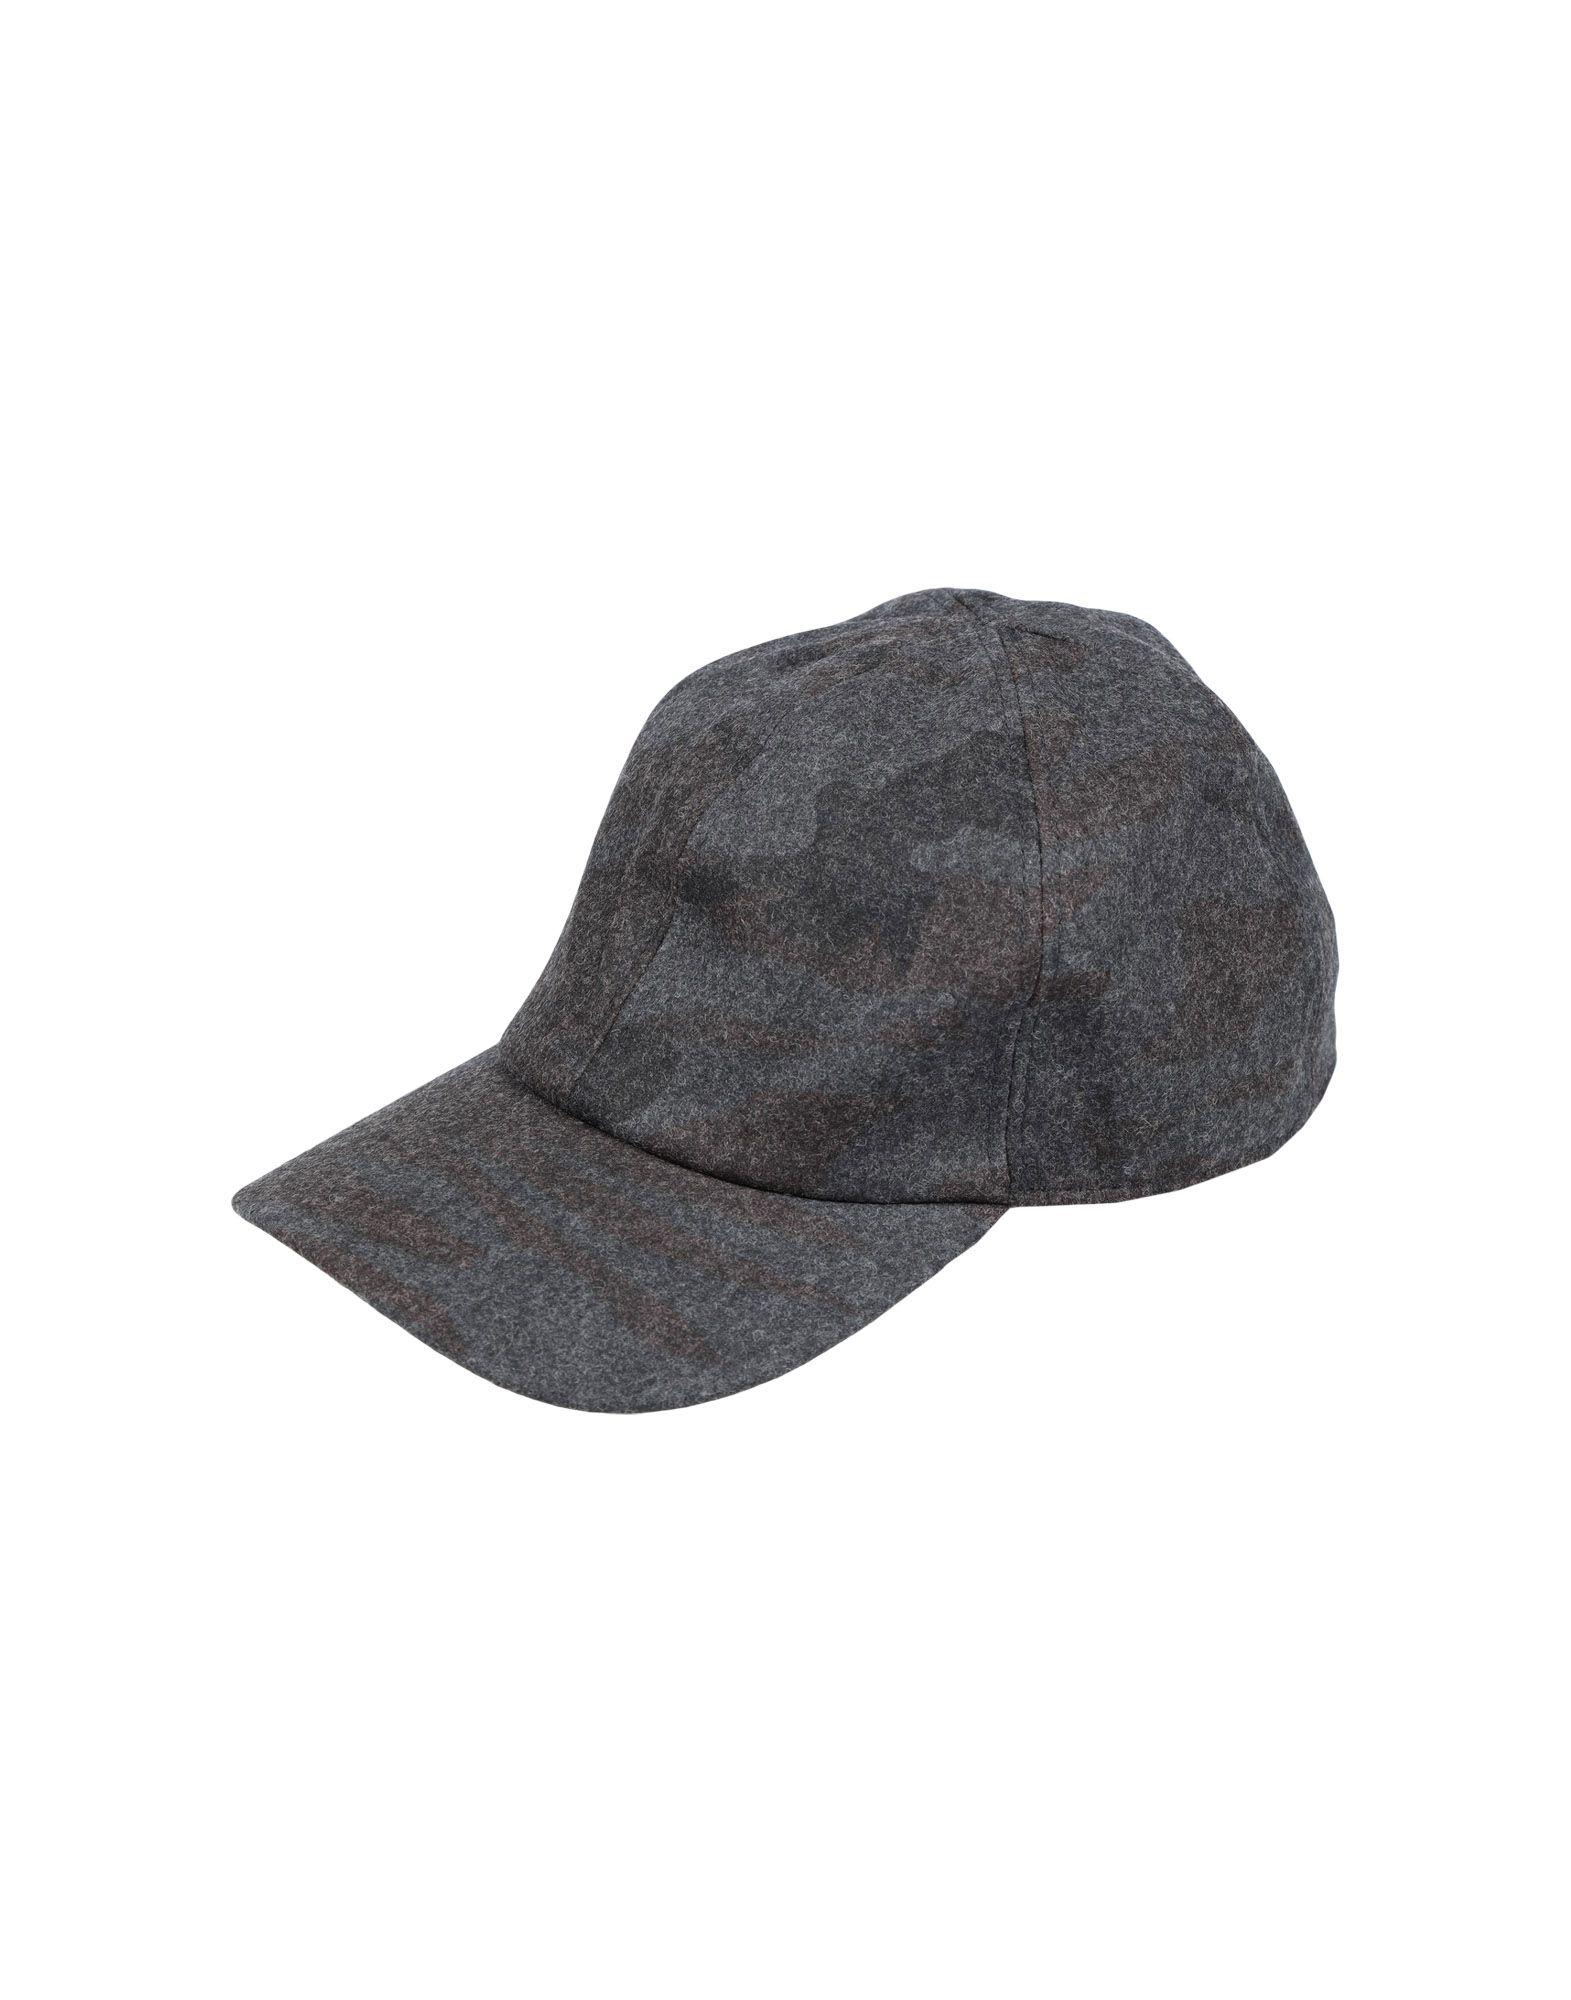 《送料無料》EMPORIO ARMANI メンズ 帽子 スチールグレー 59 ウール 65% / ポリエステル 27% / ナイロン 7% / ゴム 1%